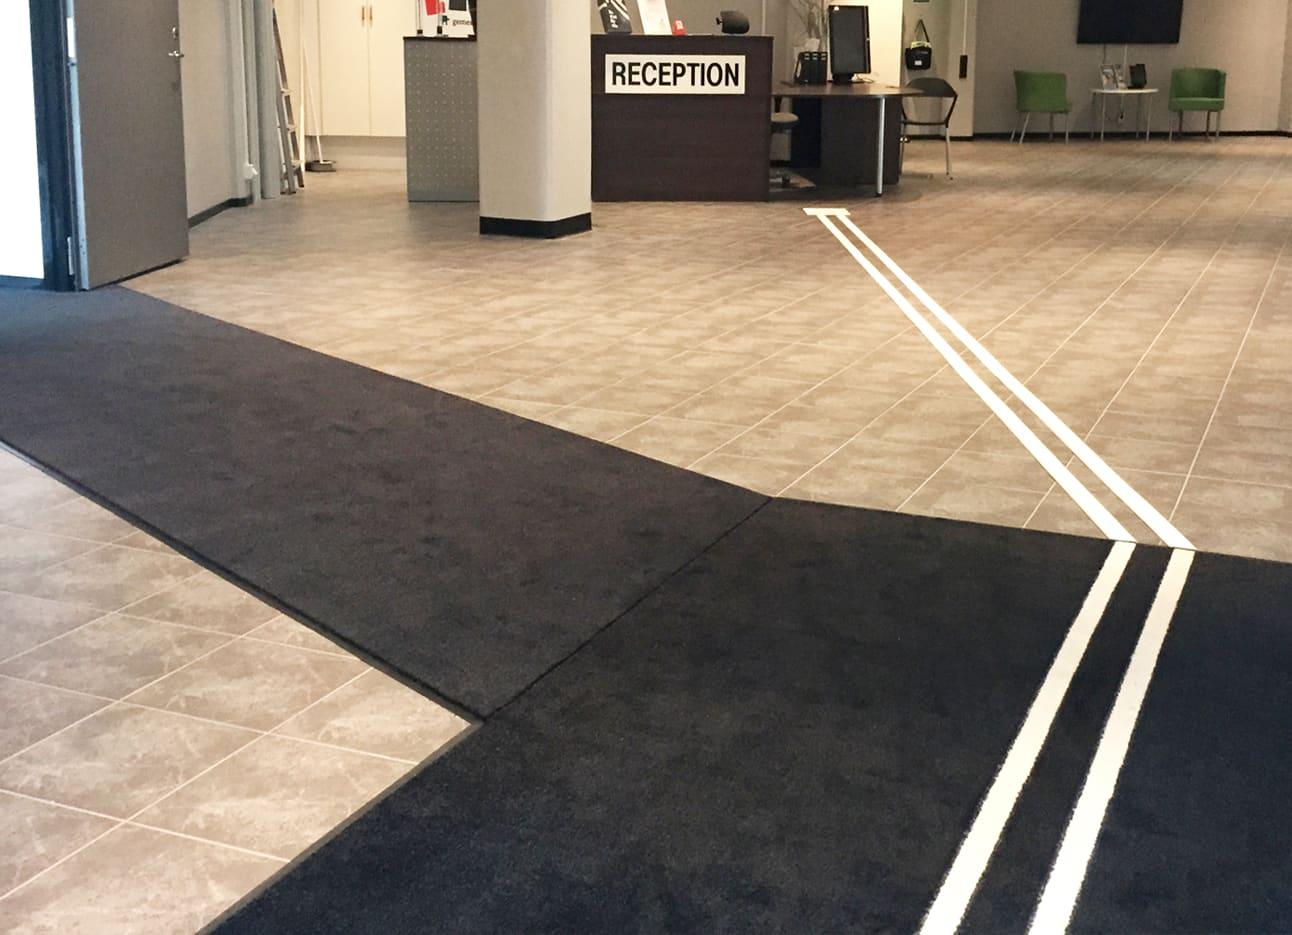 Bild från entrén på Träffpunkt Simonsland i Borås. Visar en svart Maximus-matta med vitt visuellt ledstråk tryckt på mattan. Där mattan tar slut börjar ett vitt ledstråk av aluminium som leder fram till receptionsdisken.